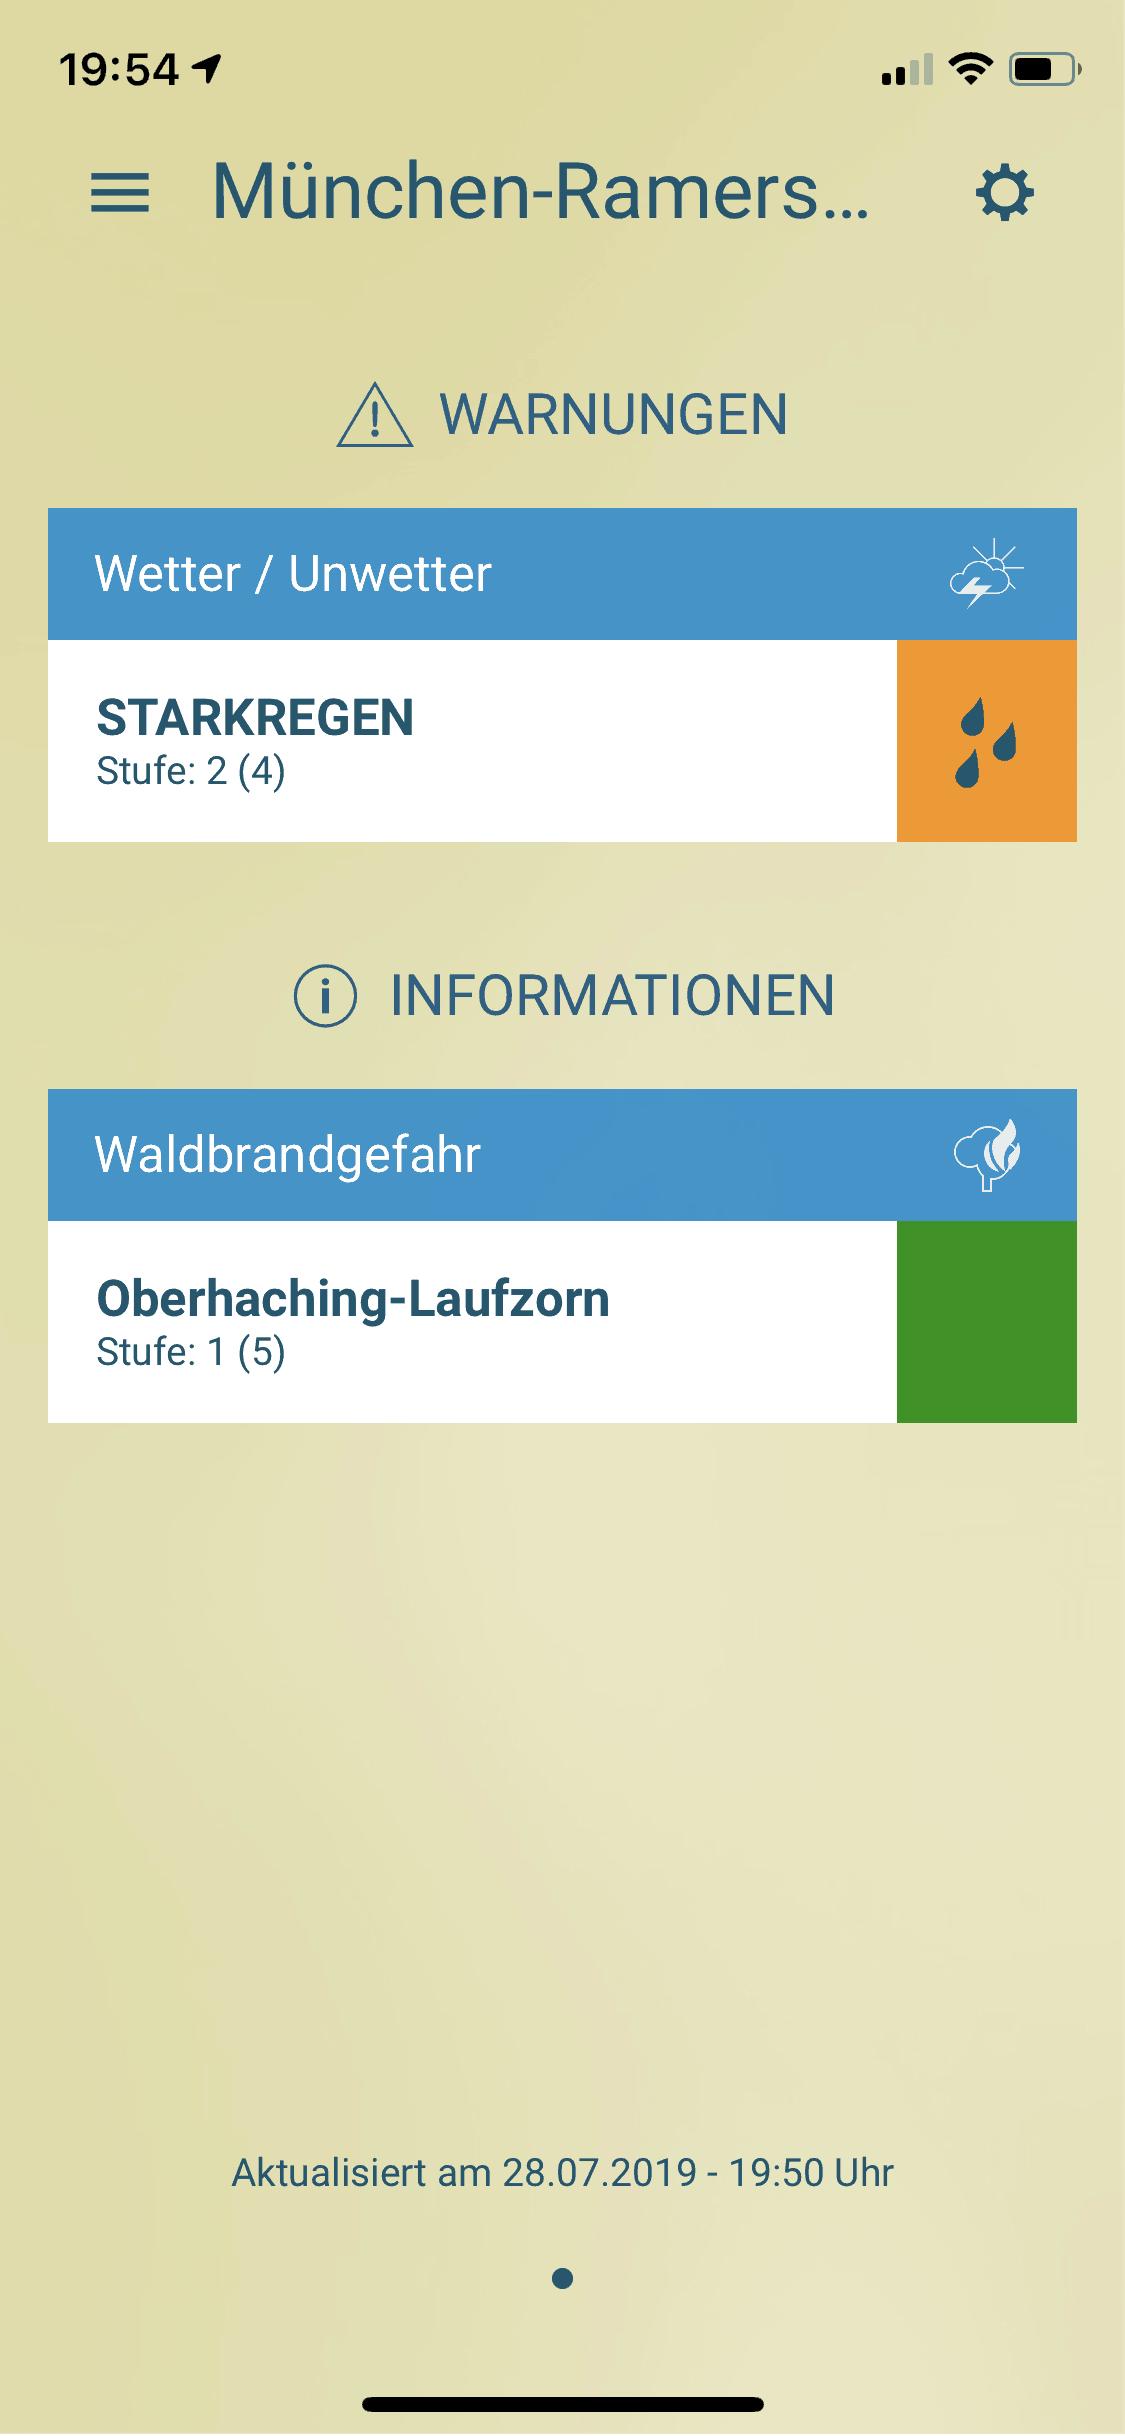 App_Umweltinfo_Waldbrandgefahr_Karte_Übersicht_Standorte